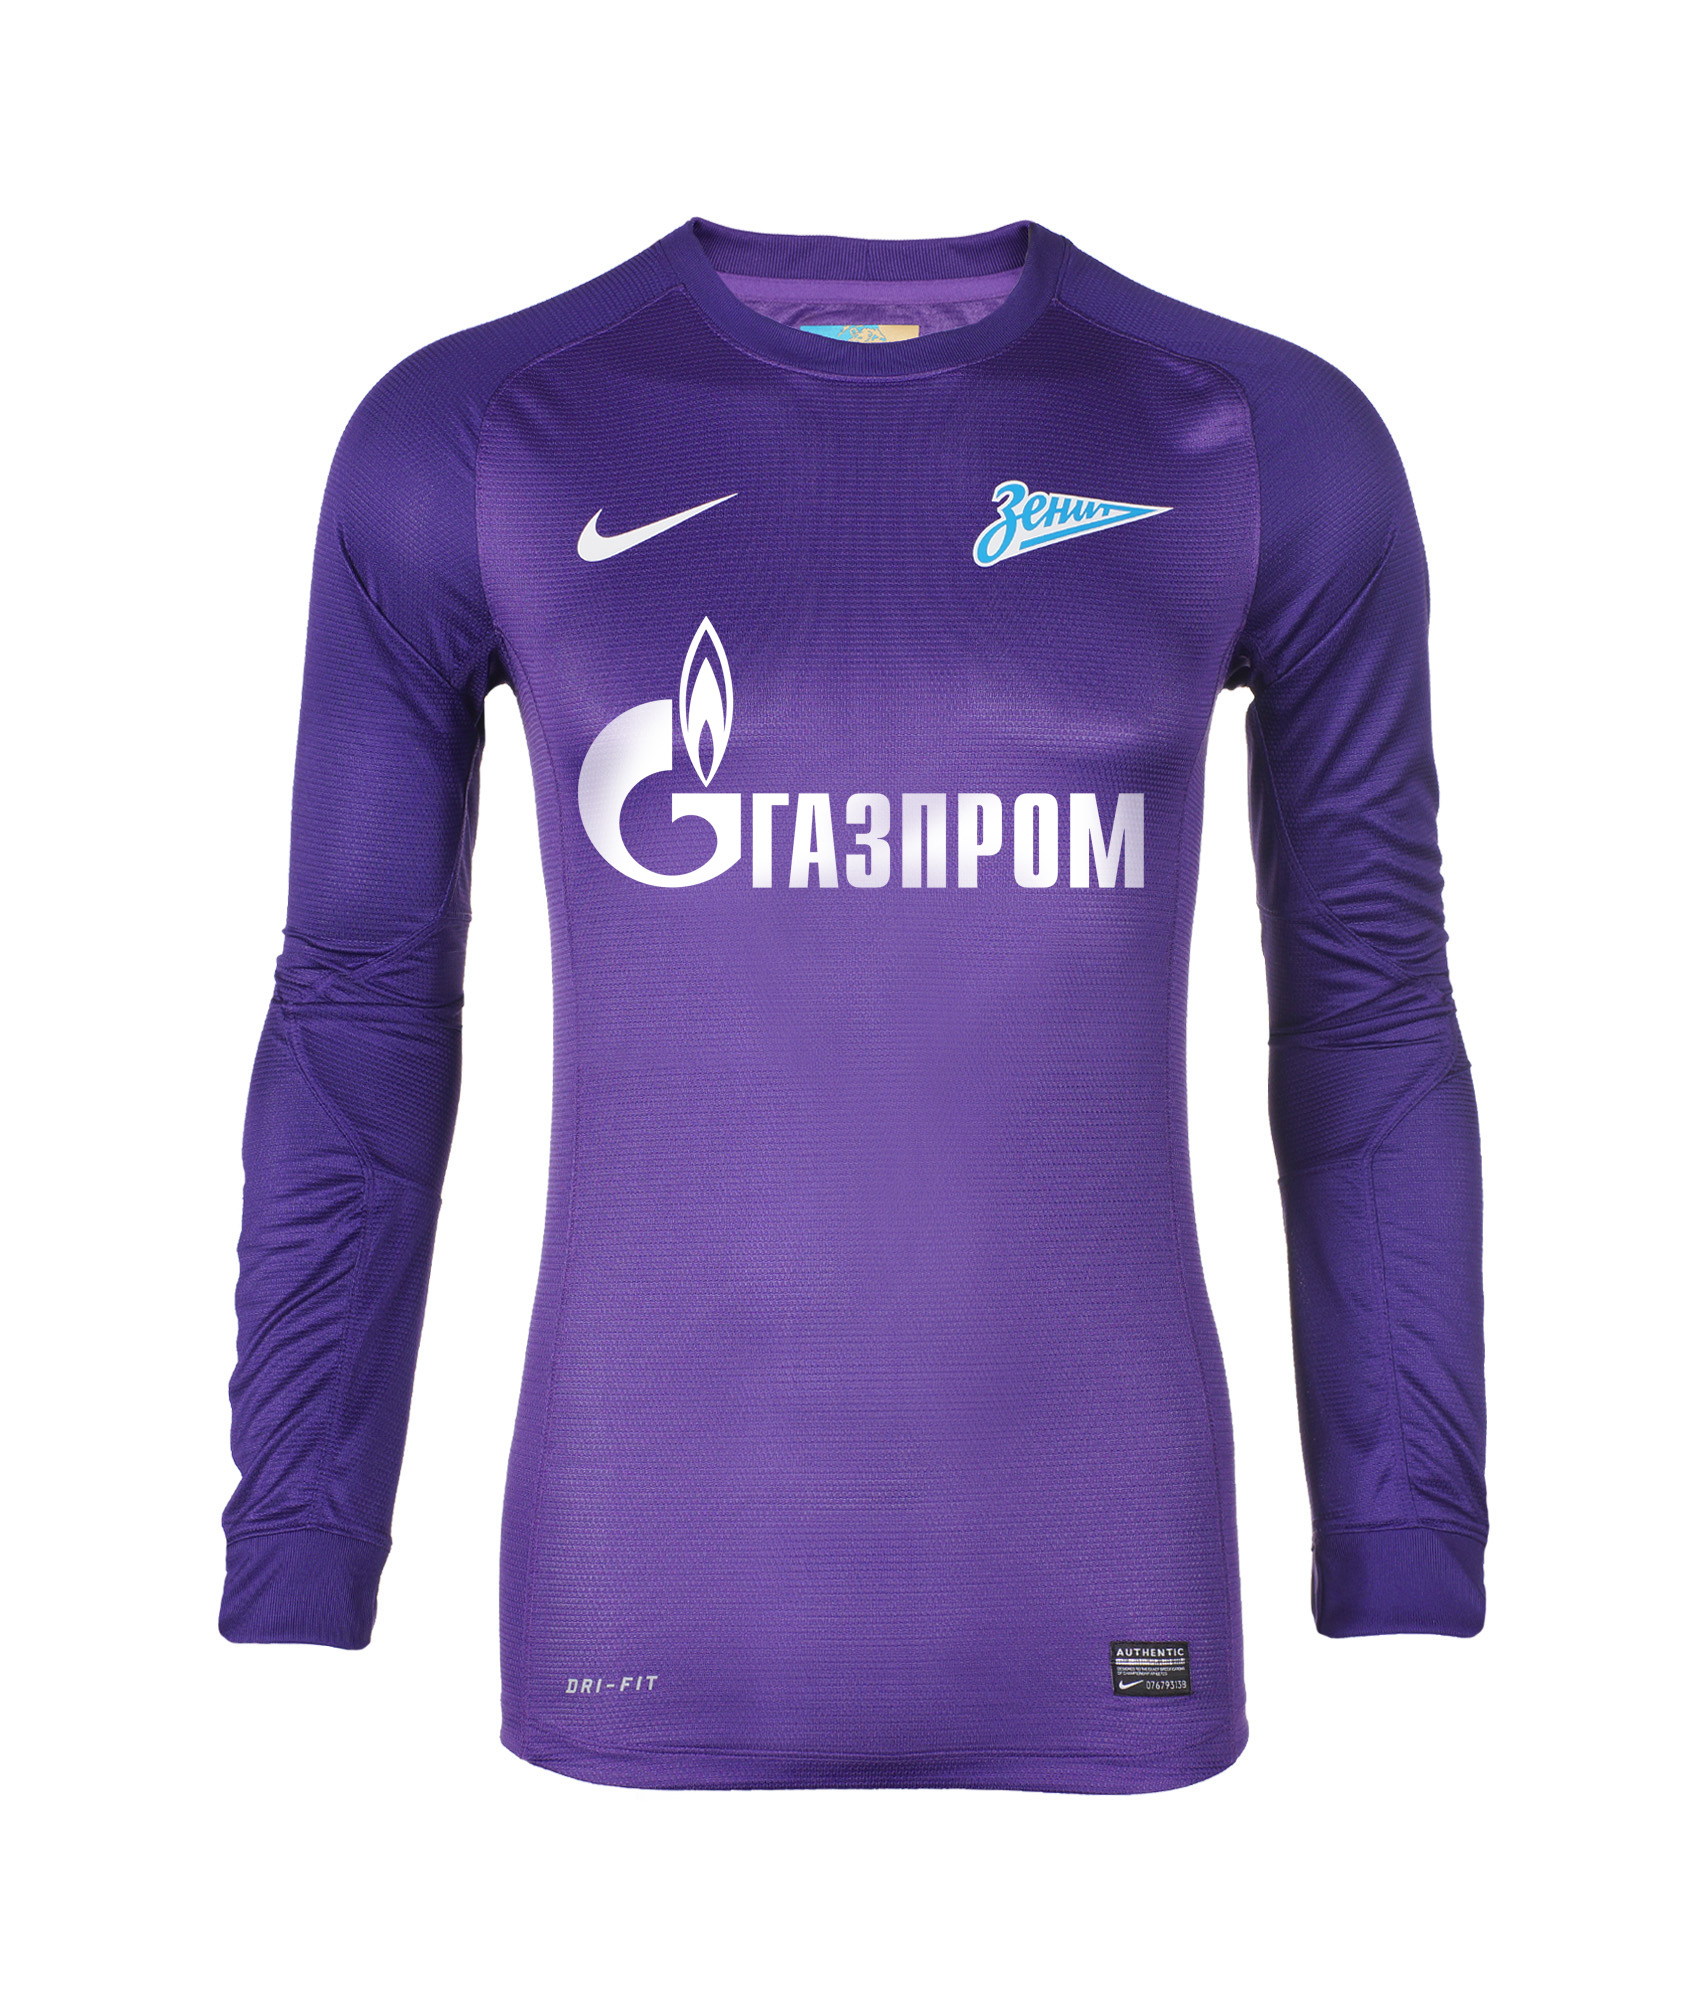 Футболка вратарская с длинным рукавом, Цвет-Фиолетовый, Размер-M